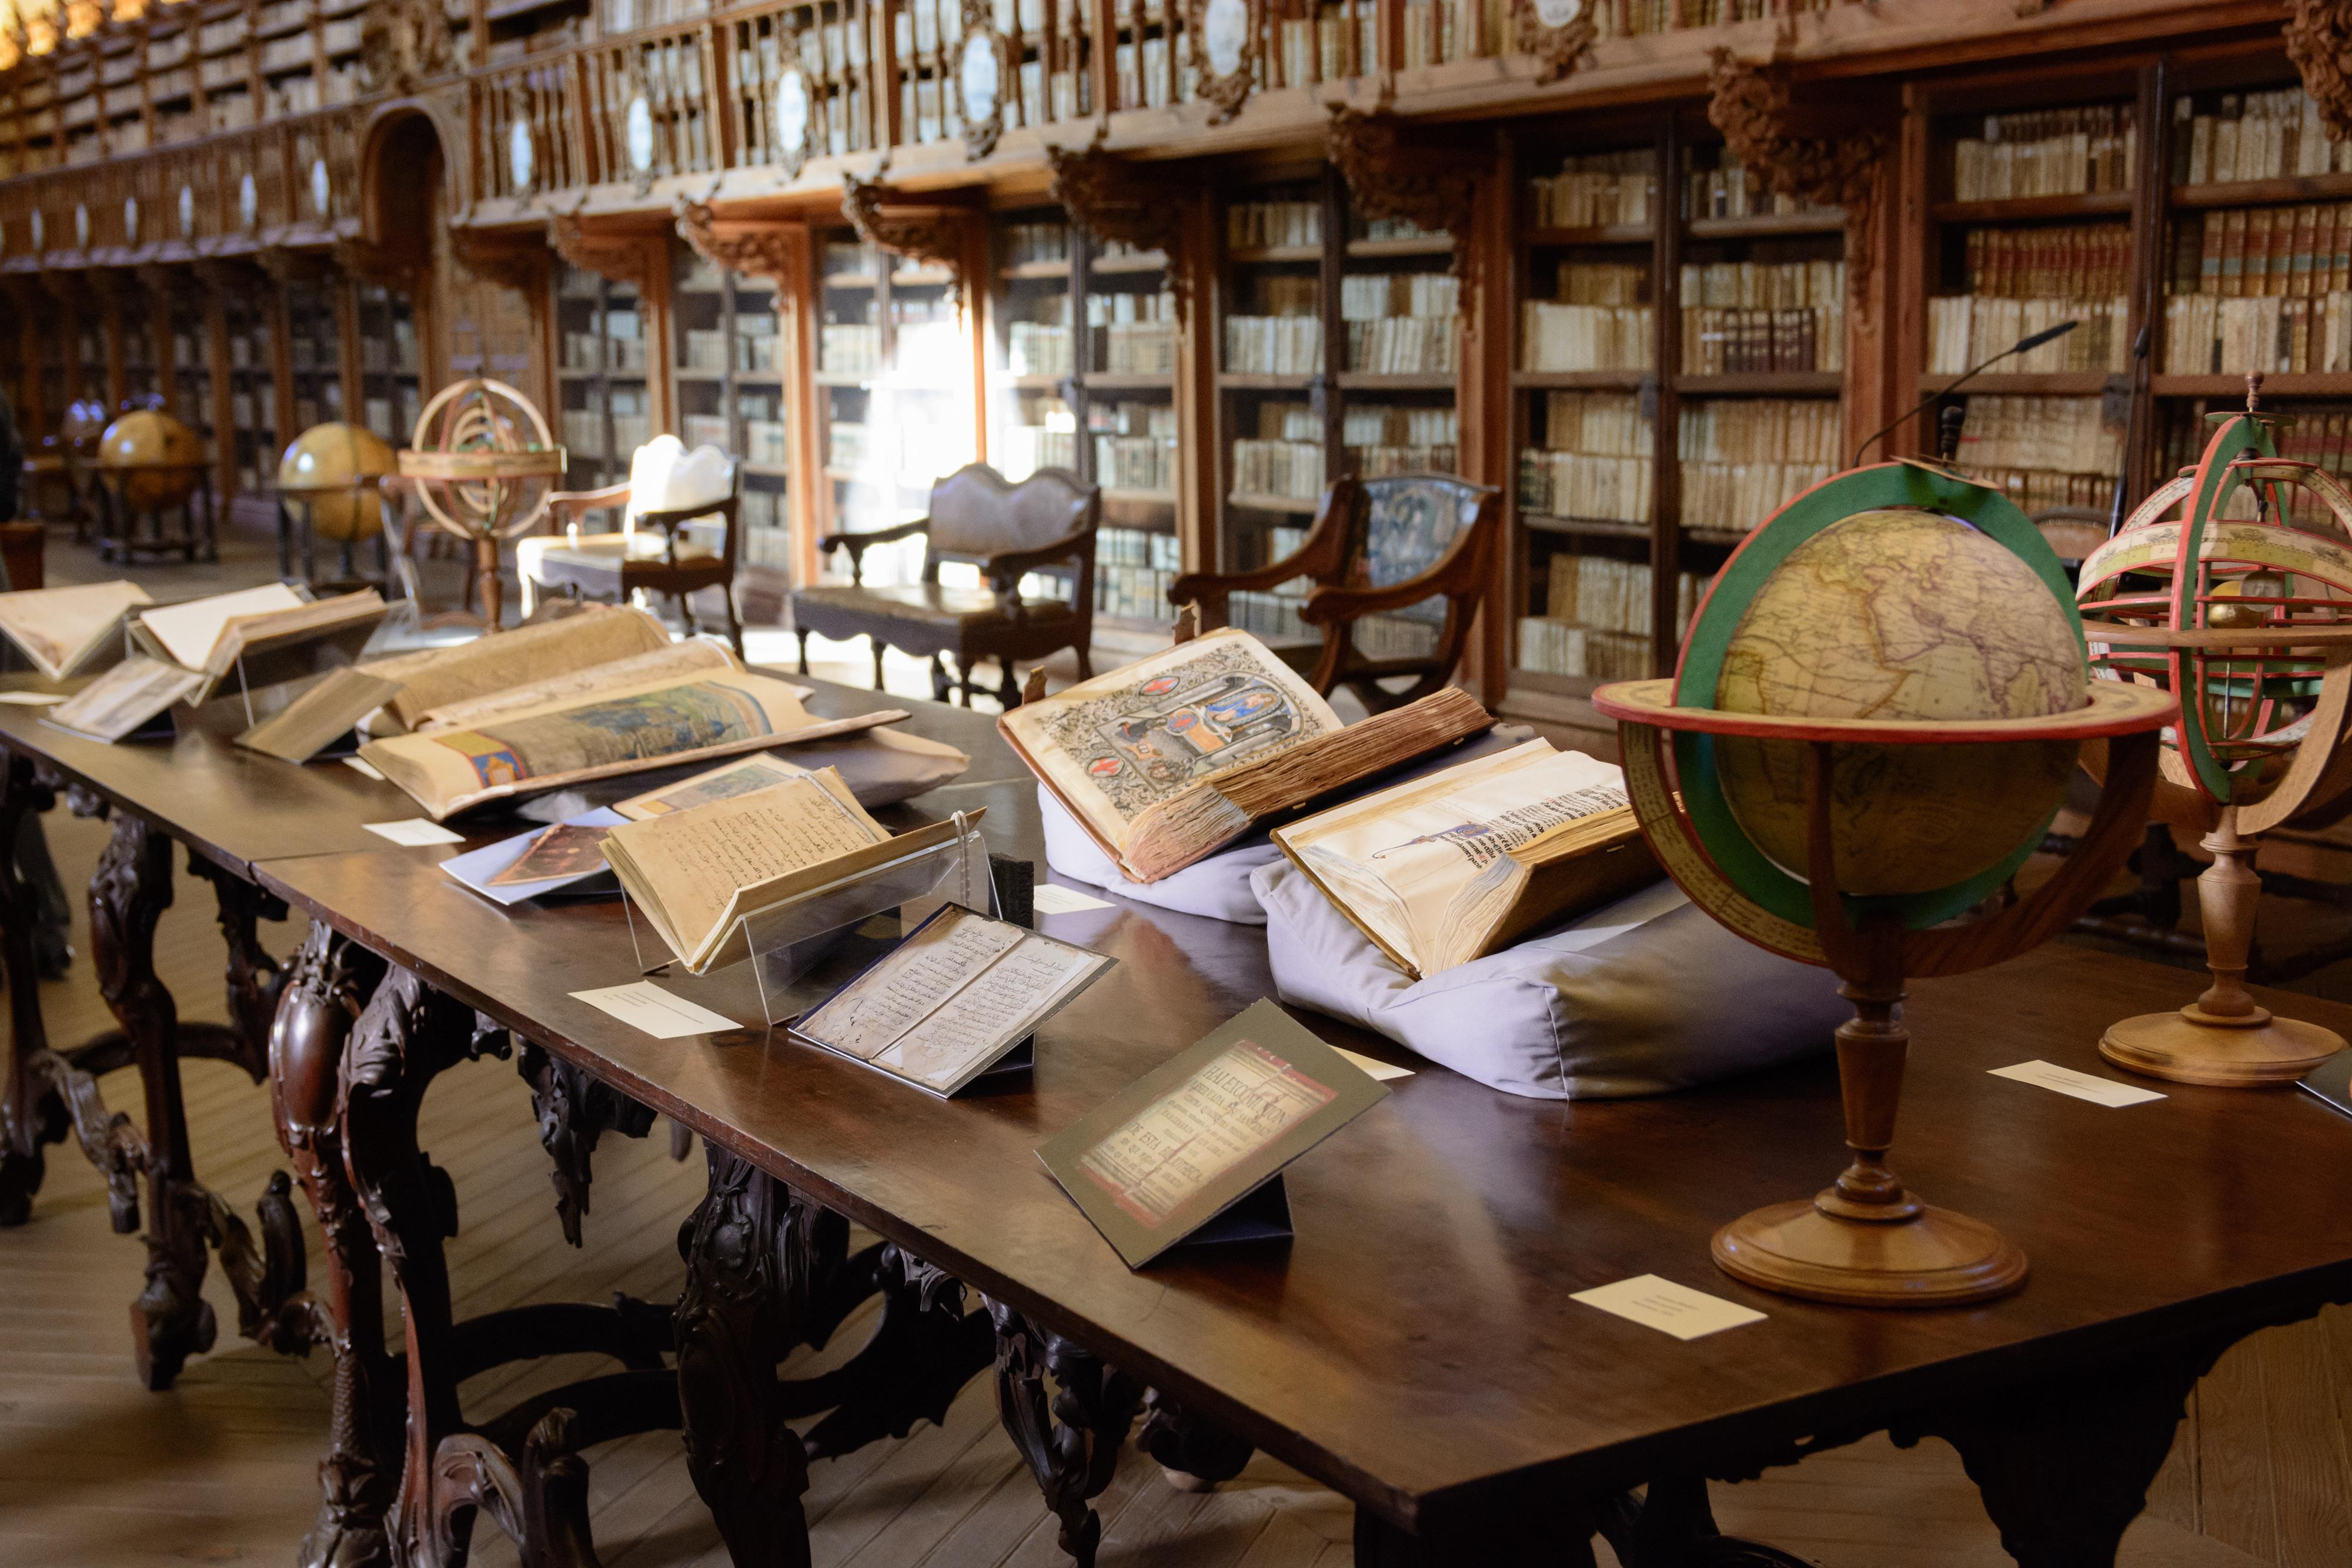 El Centro de Conservación y Restauración de Bienes Culturales de la Junta de Castilla y León restaura 18 piezas de la Biblioteca General Histórica